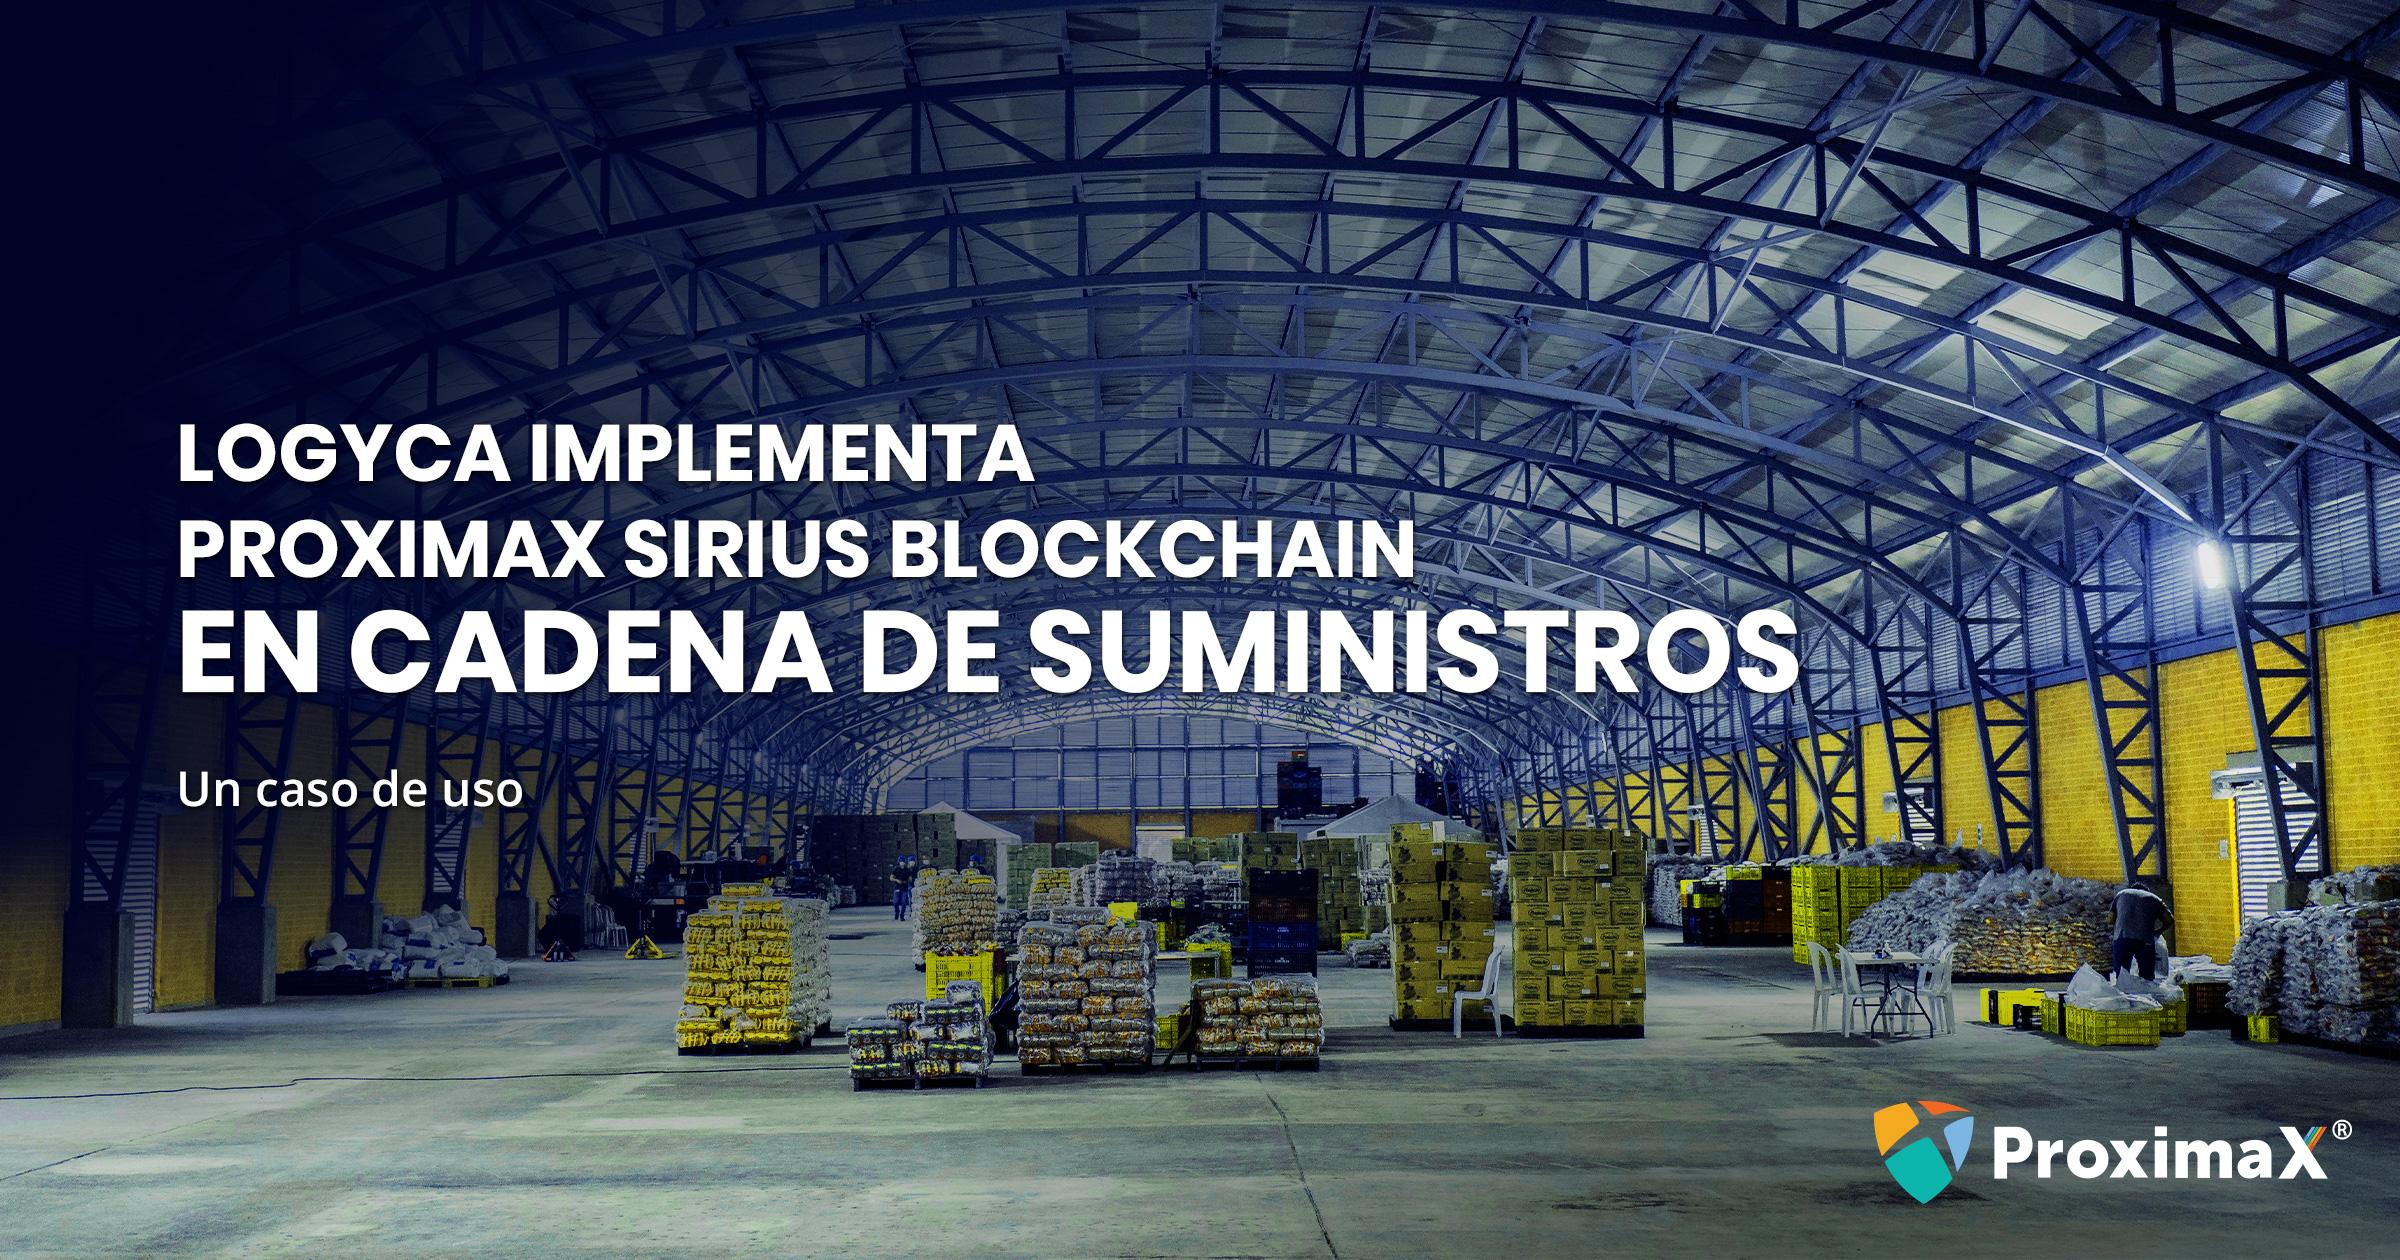 LOGYCA  implementa  ProximaX Sirius Blockchain en Cadena de Suministros.